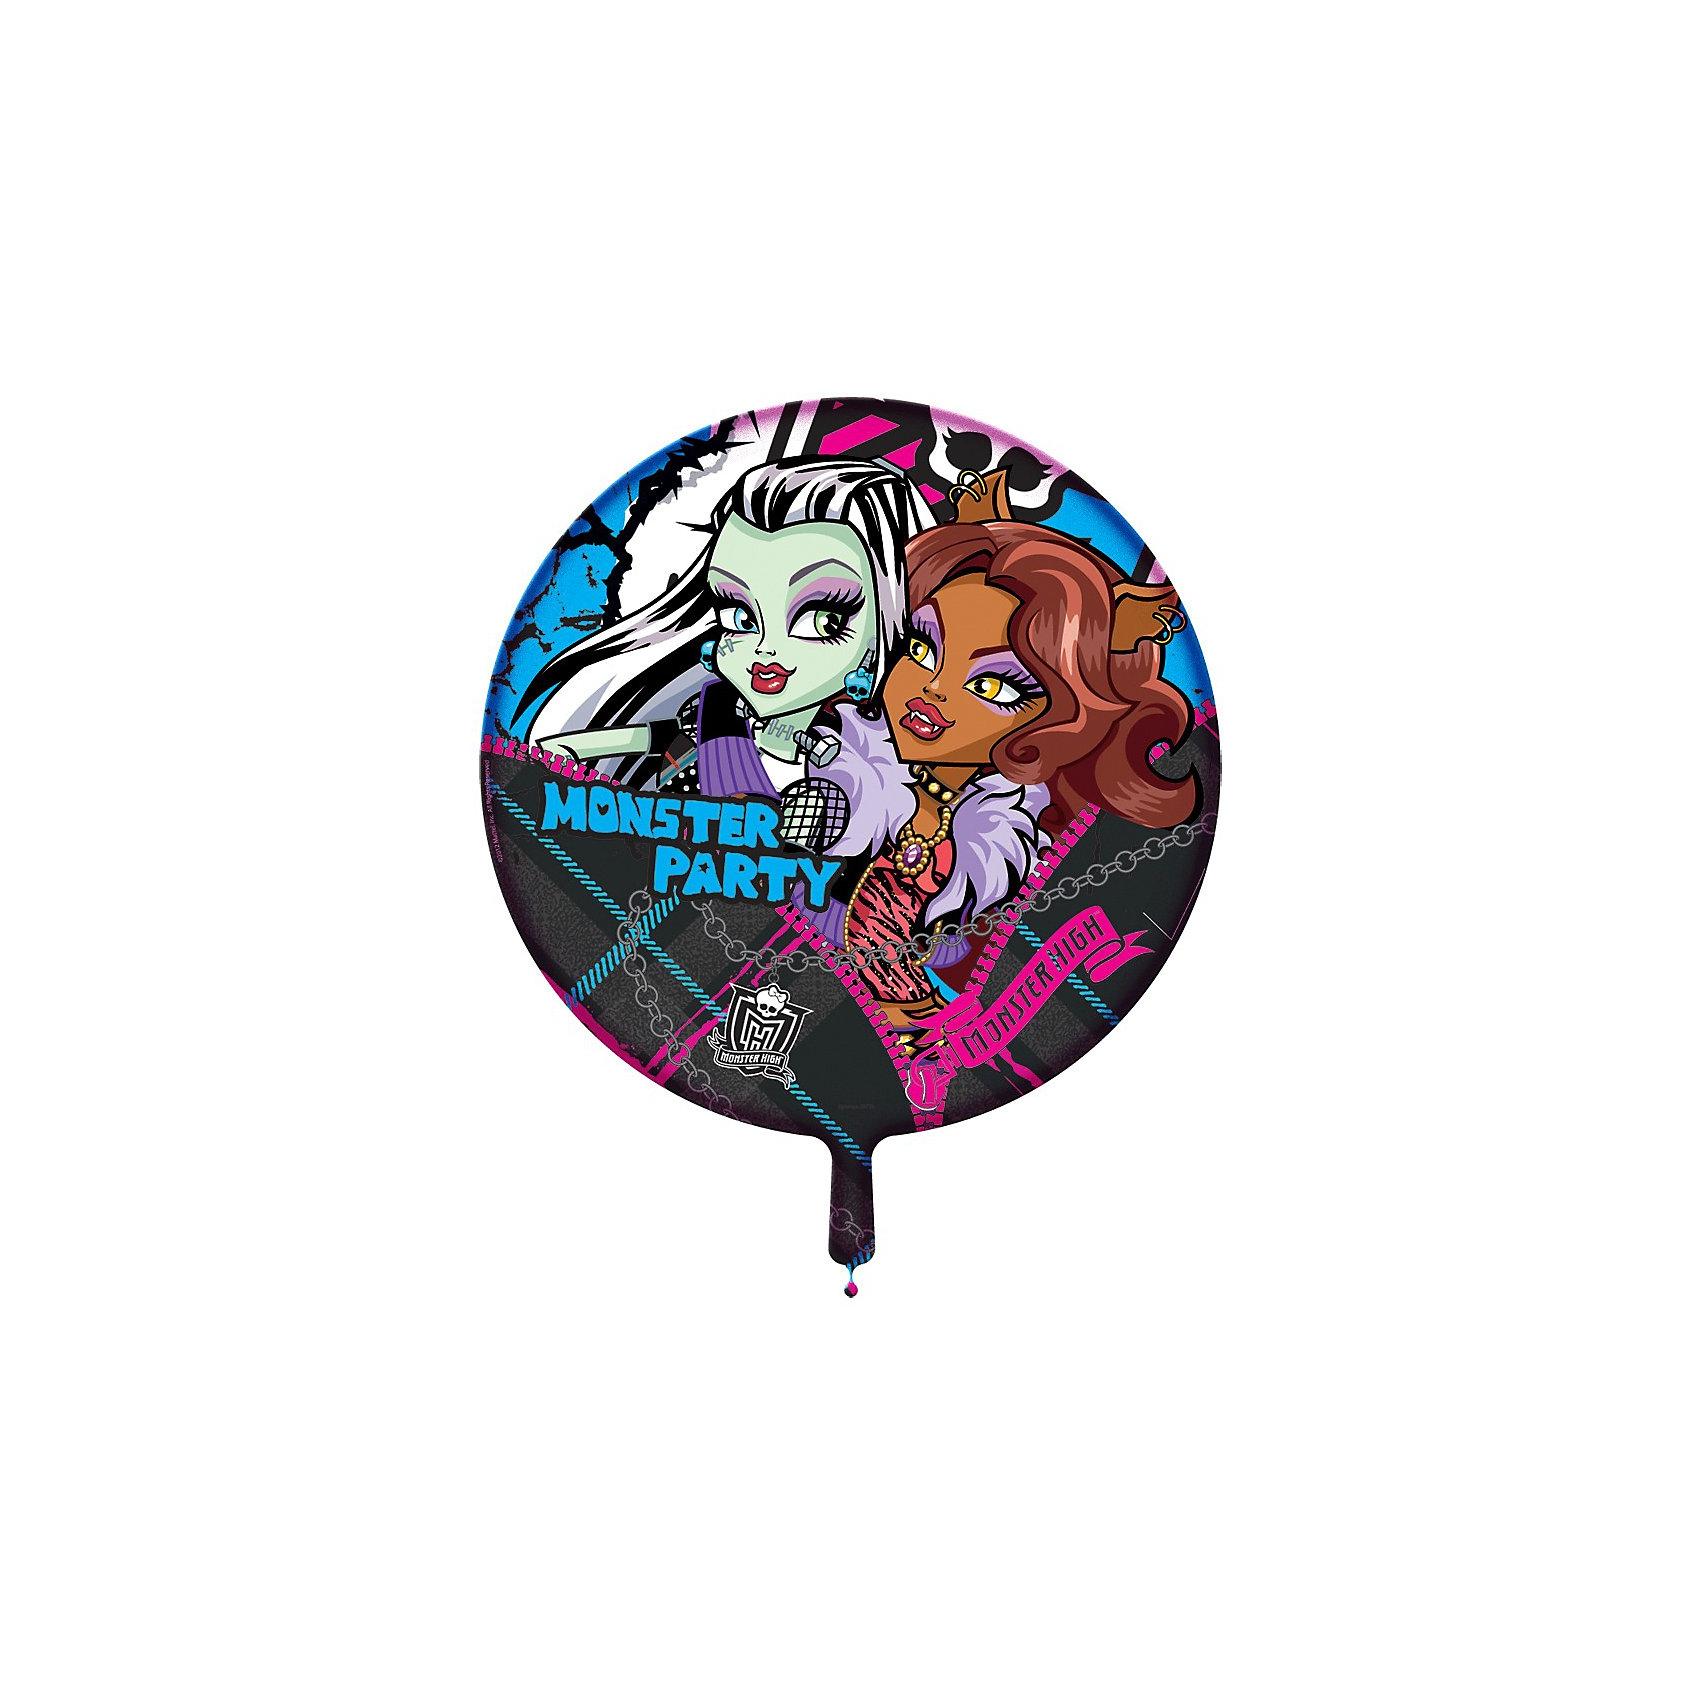 Росмэн Шар надувной Вечеринка Монстров, Monster High росмэн наклейки и раскраски голубая monster high